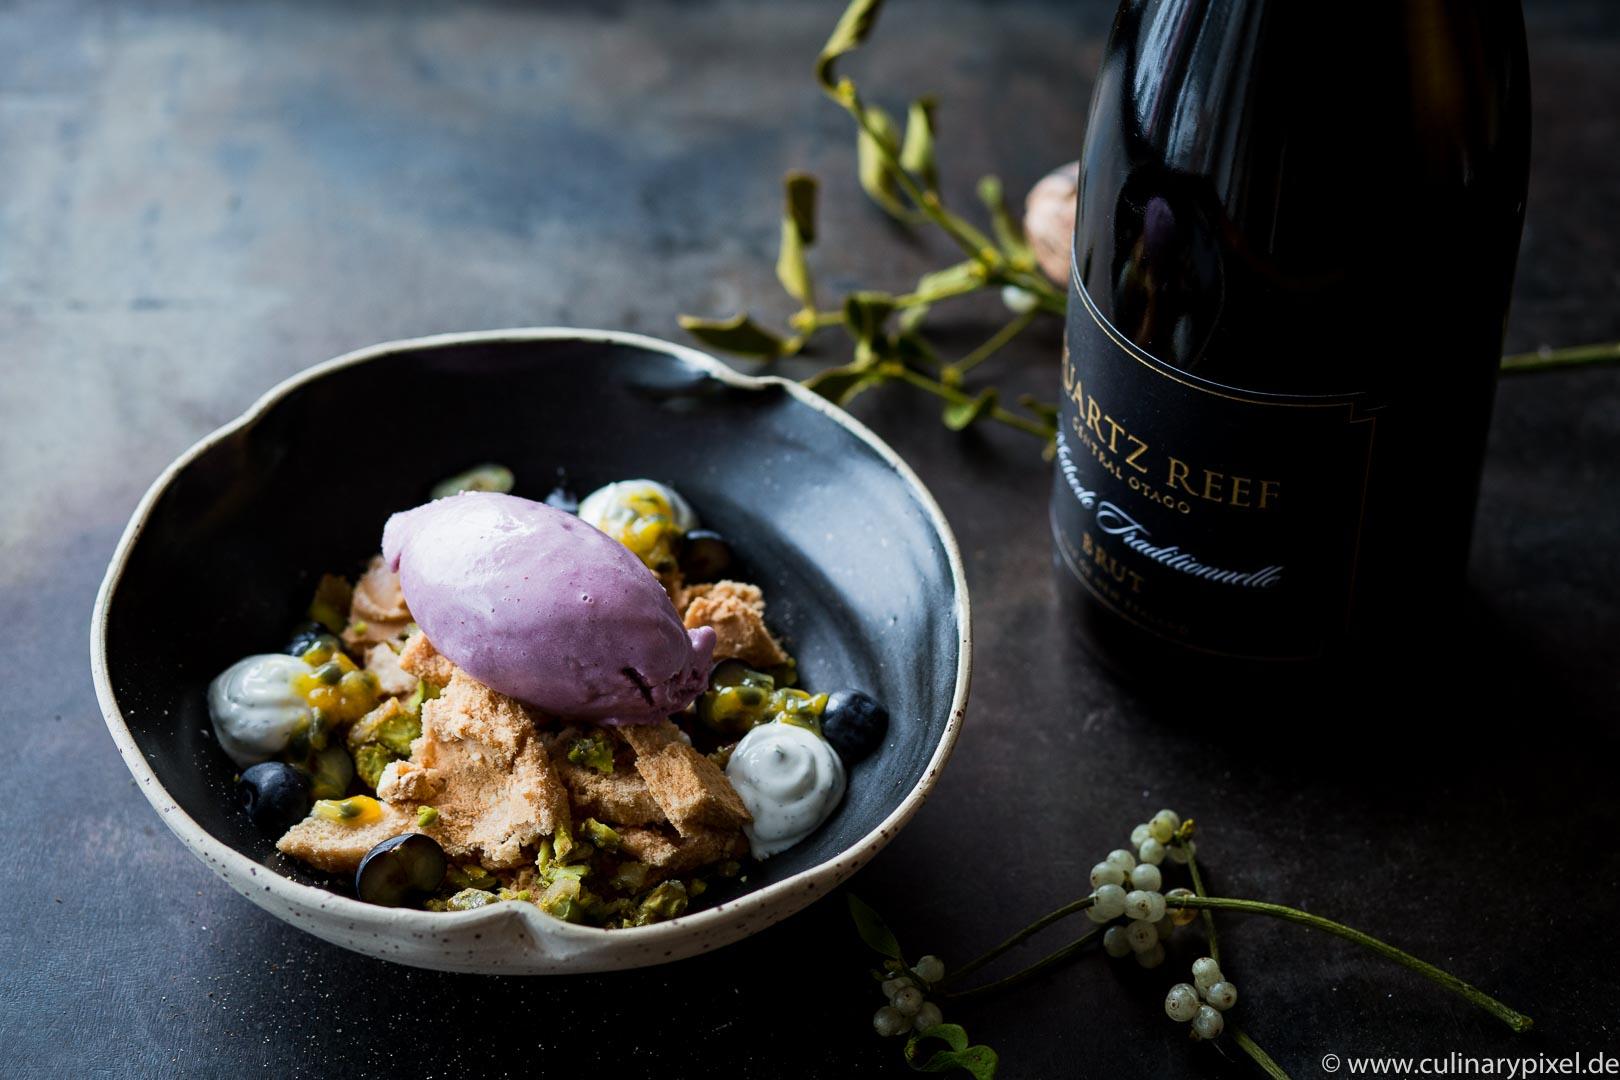 Blaubeereis, Baiser, Maracuja, Minz-Joghurt - Weihnachtsdessert zum Sekt aus Neuseeland